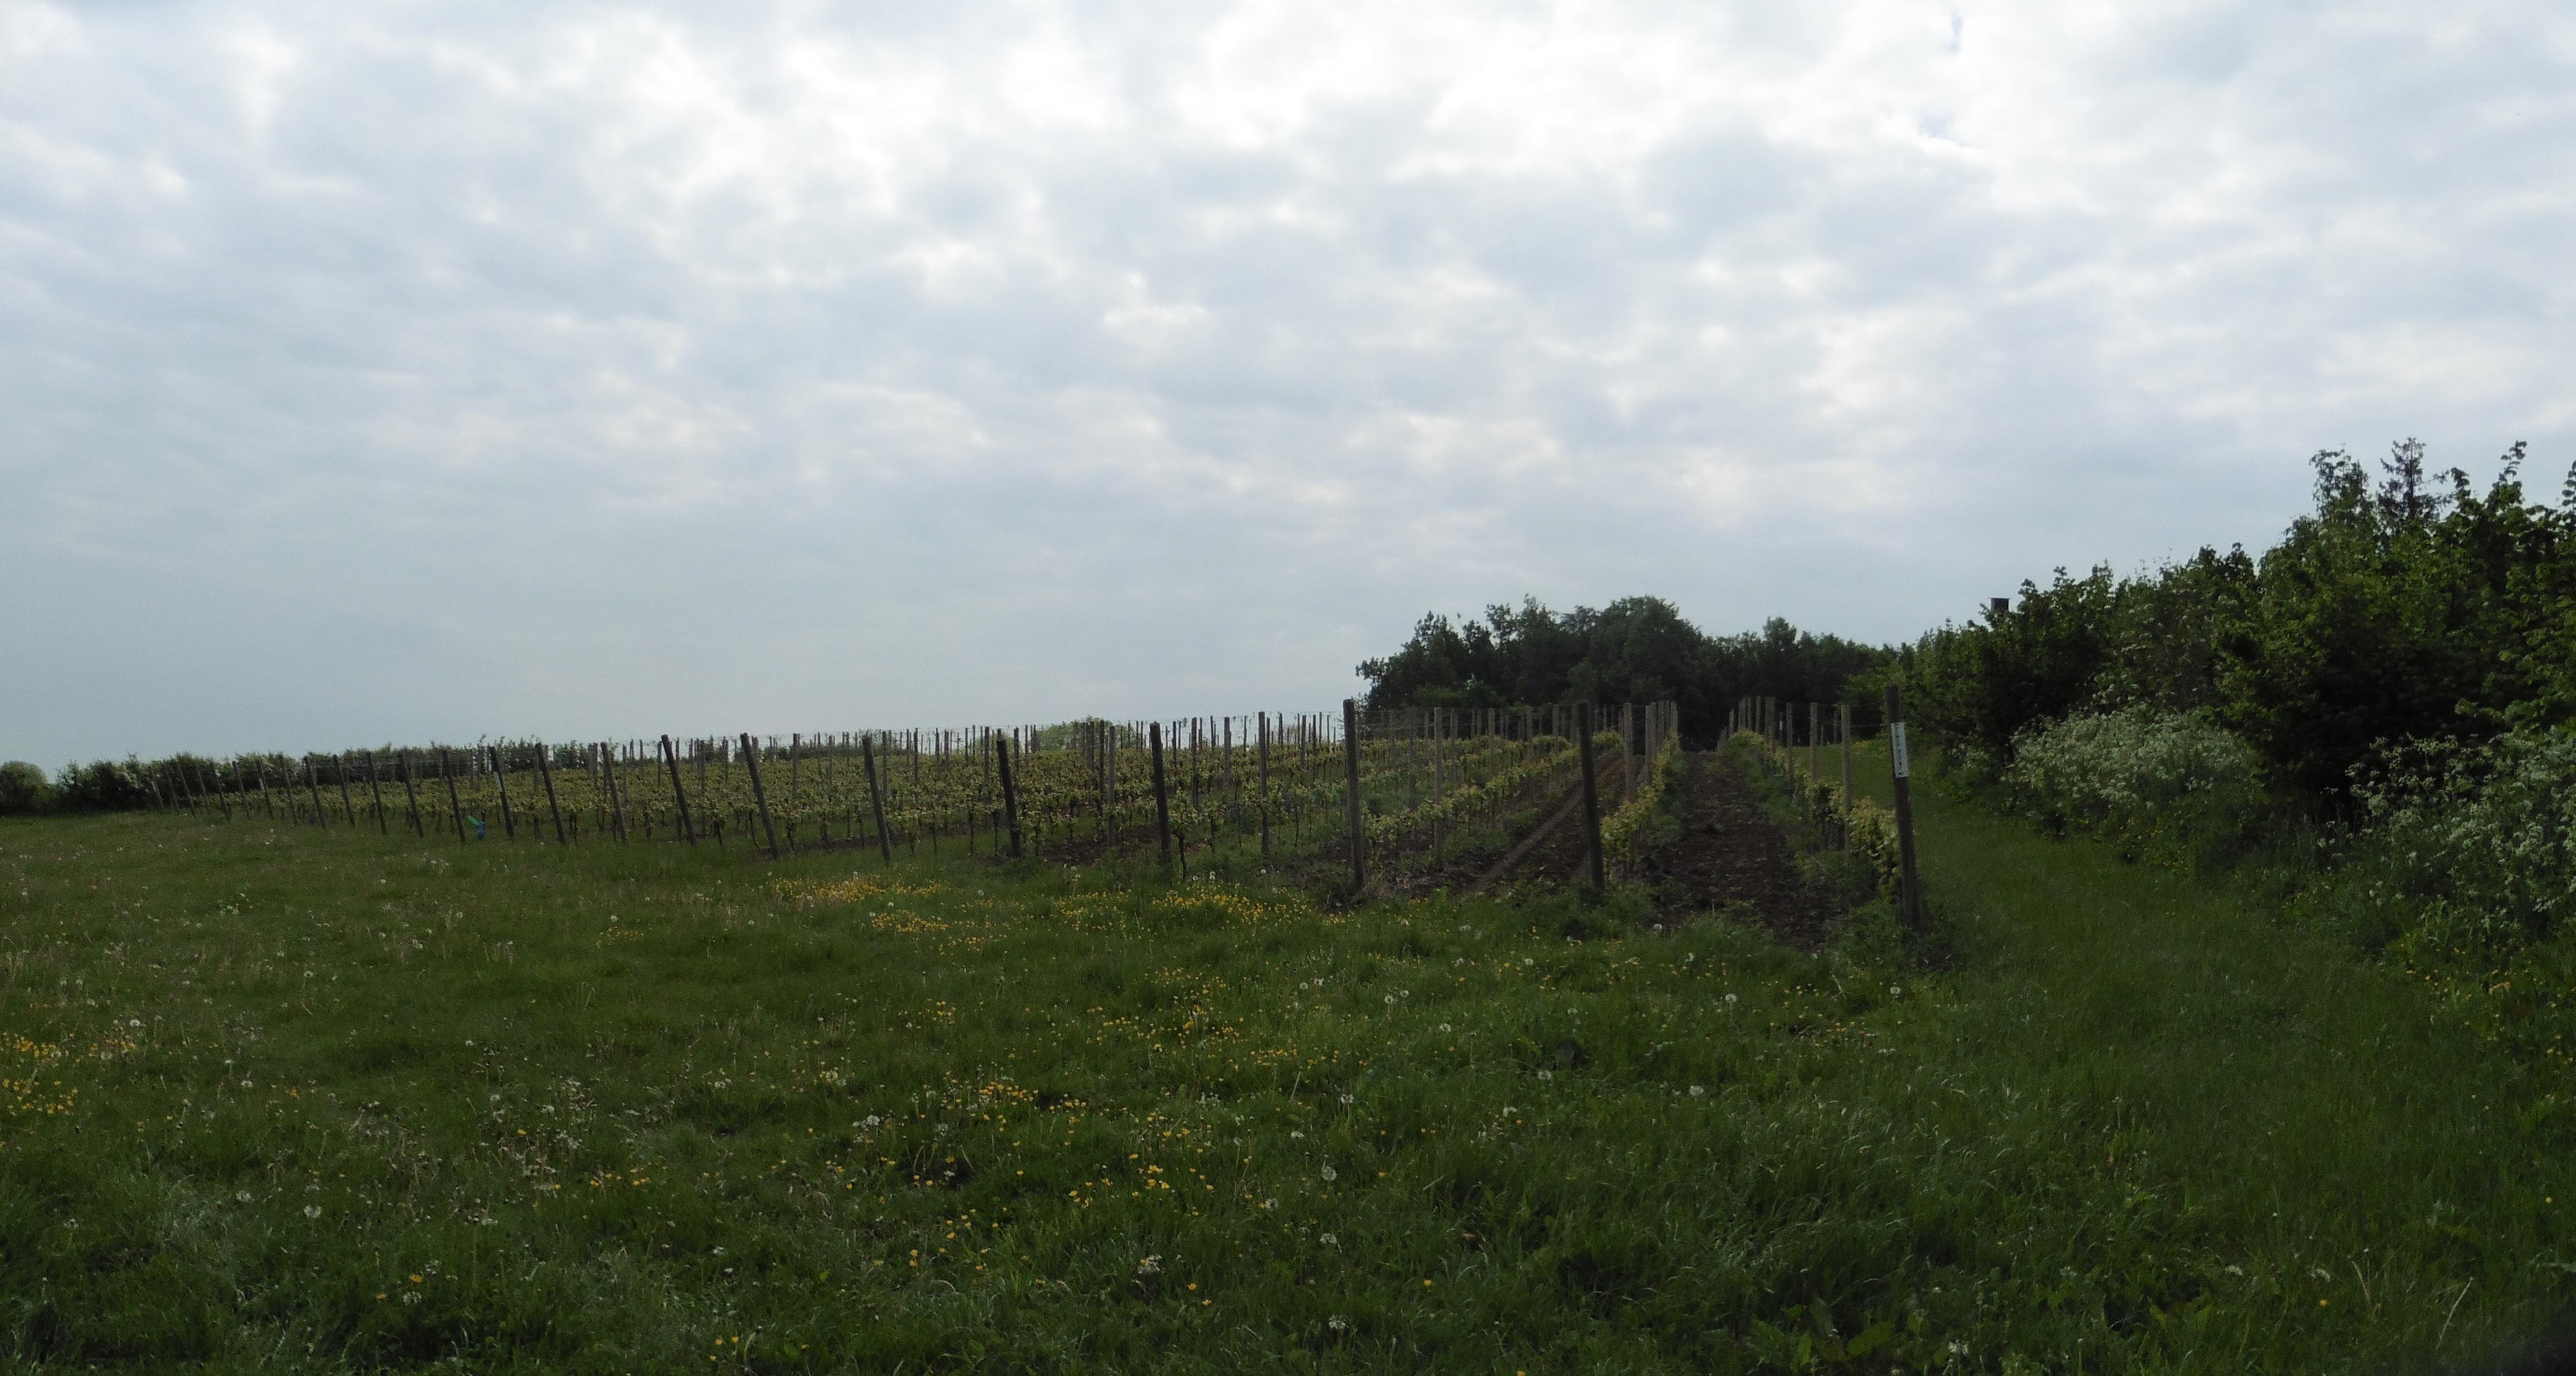 16 mei 2016: Dranouter (28 km)